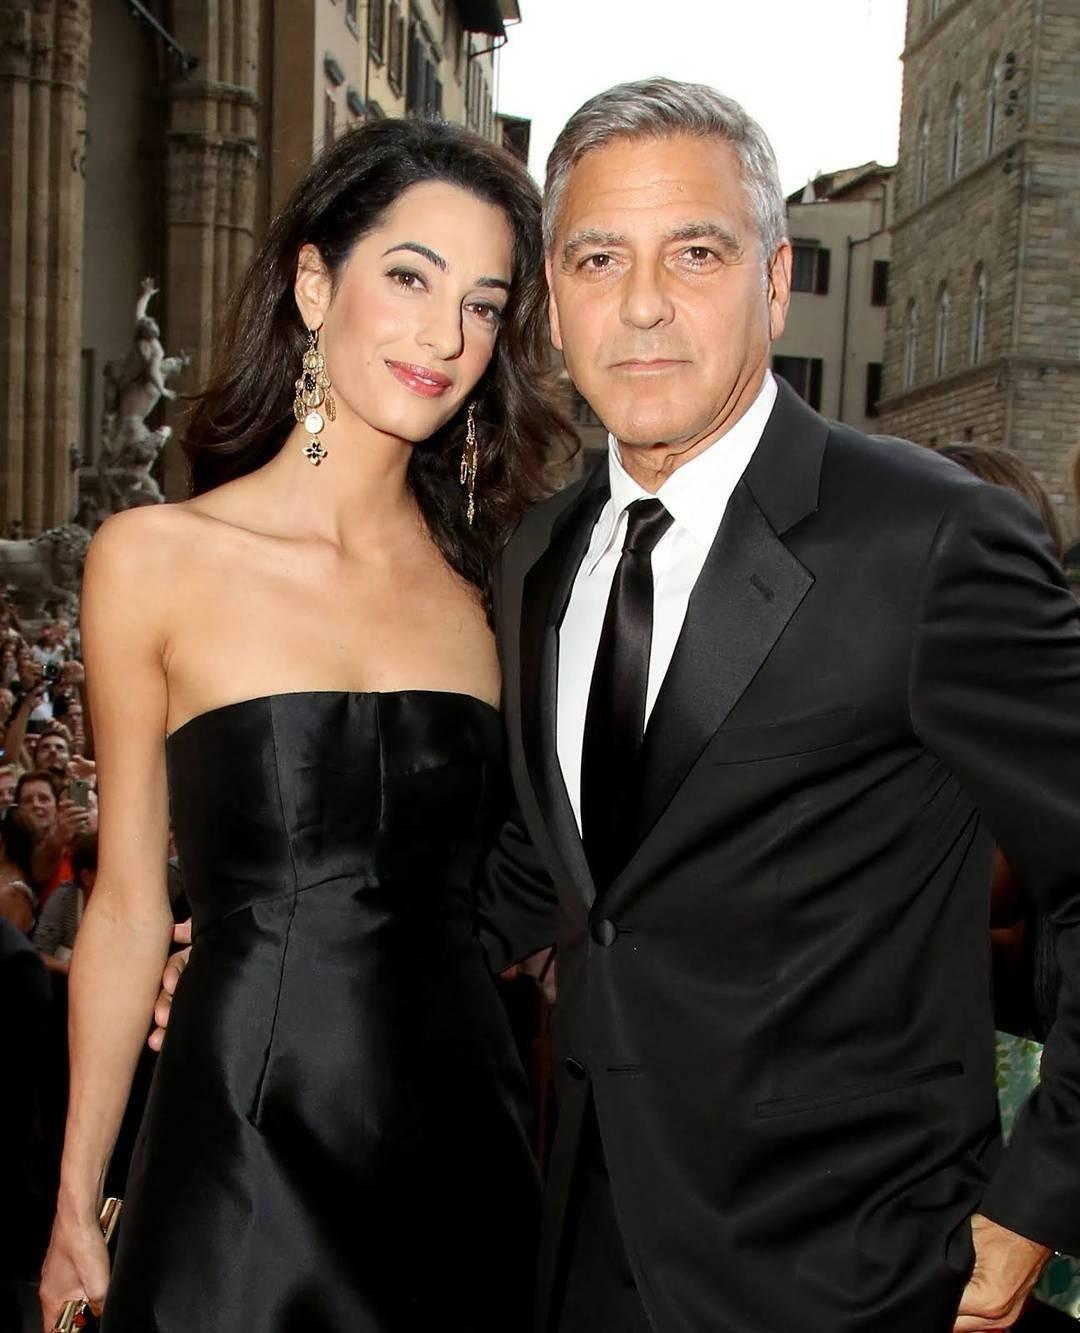 Первое время актер снеобычайным трепетом изаботой нянчил малышей, во всем старался помогать своей супруге. Поночам Клуни сам бегал менять памперсы детям, кормить их иукачивать, только...